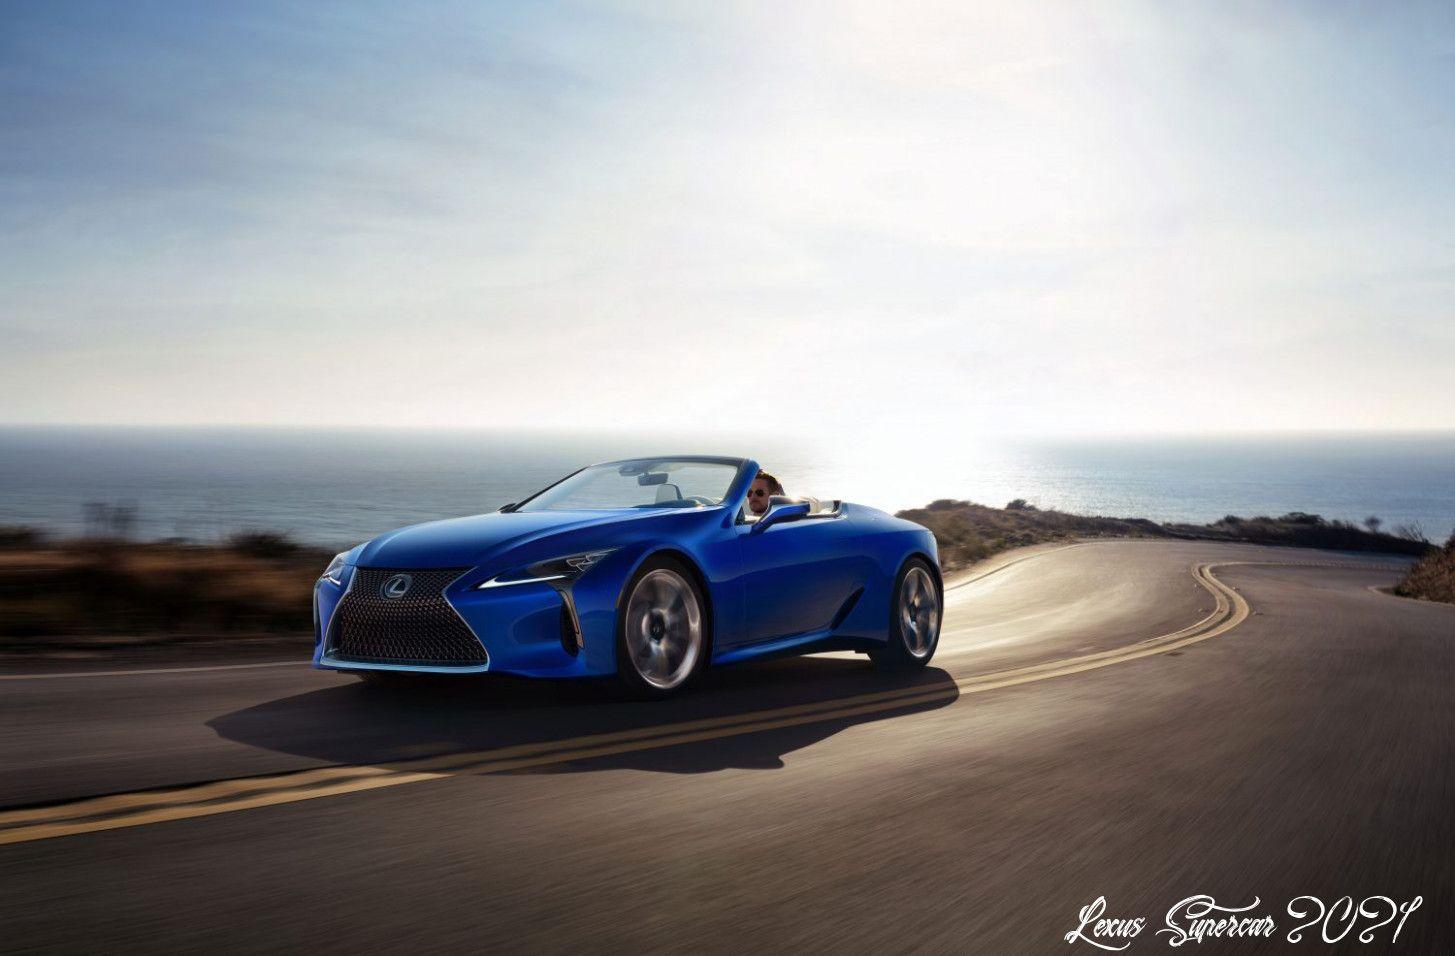 Lexus Supercar 2021 Configurations In 2020 Lexus Lc Lexus Super Cars